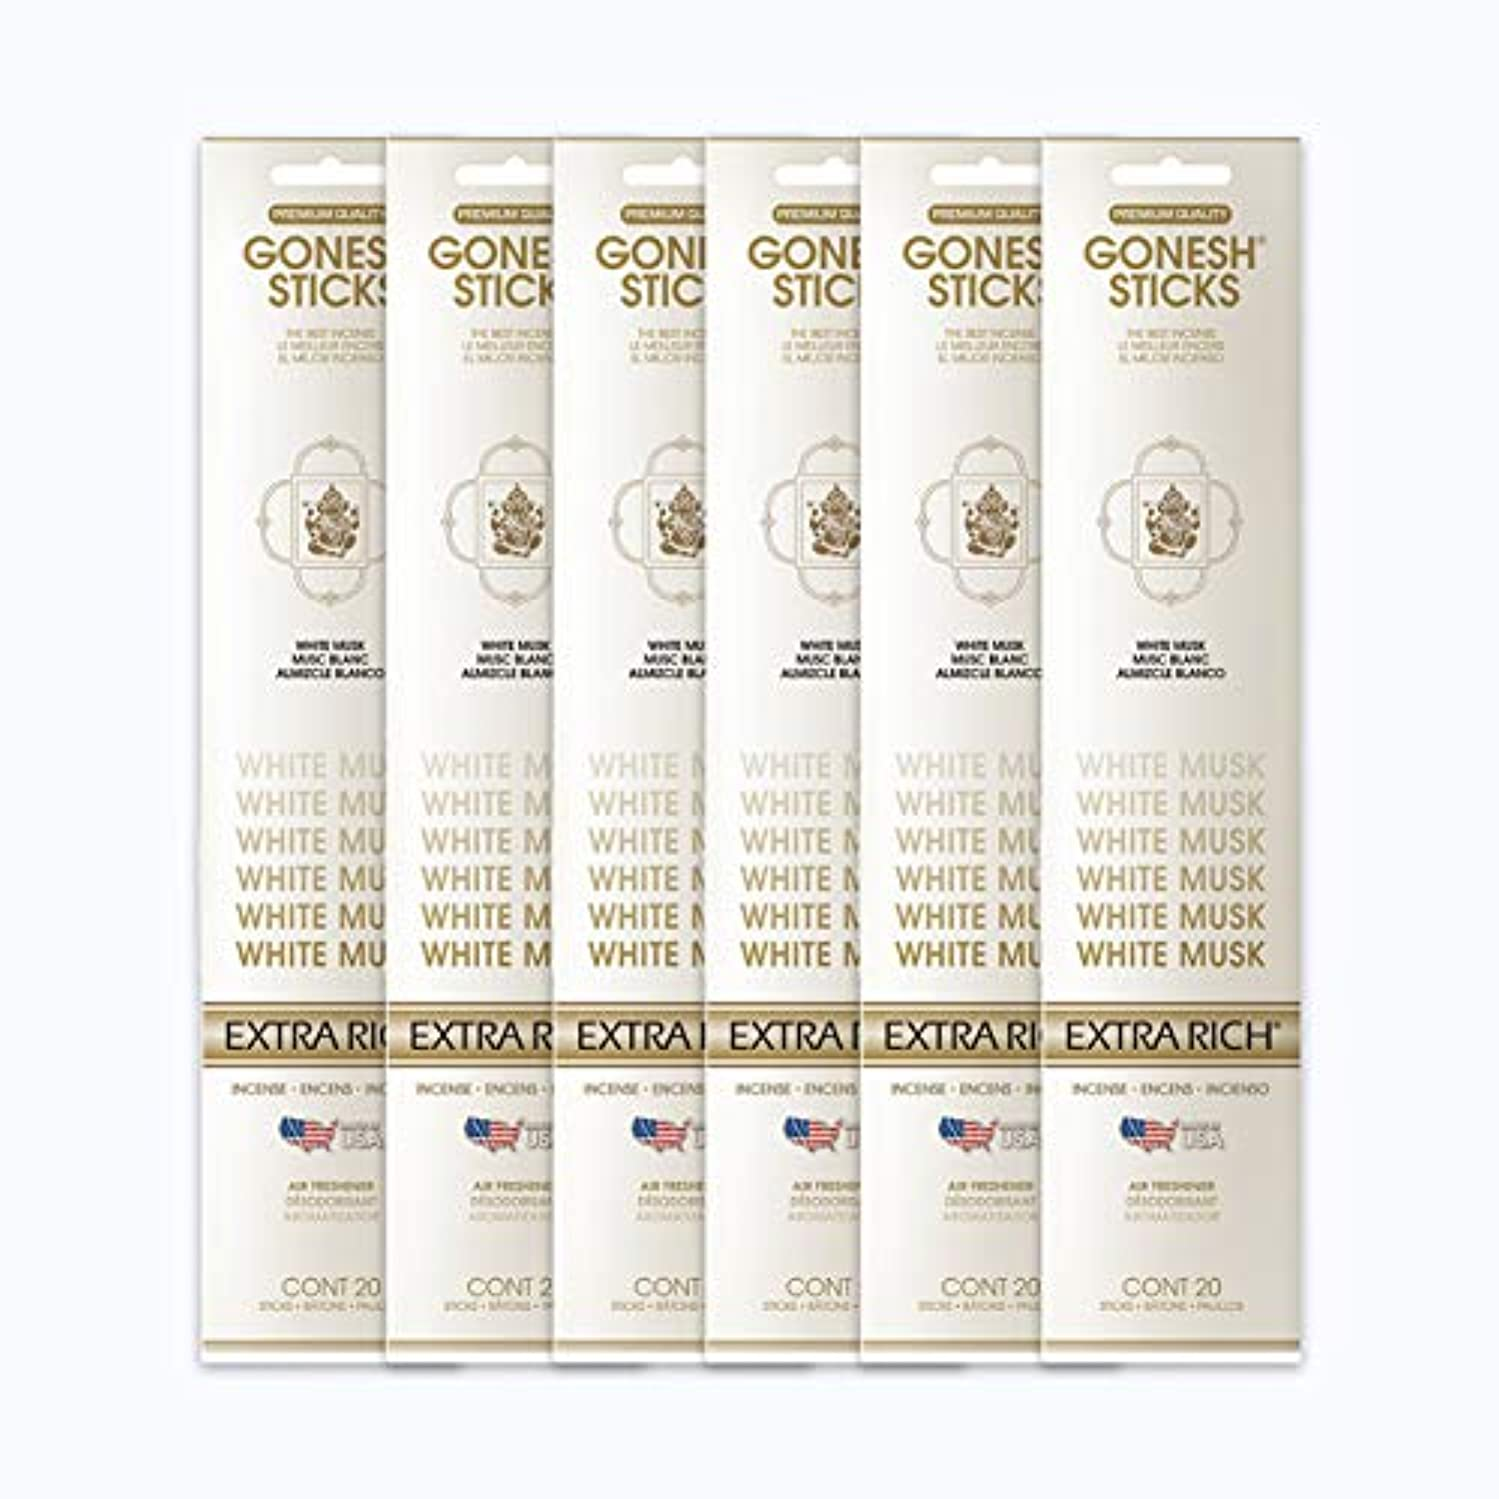 ぺディカブ迷彩観点GONESH インセンススティック WHITE MUSK ホワイトムスク 6パック120本組